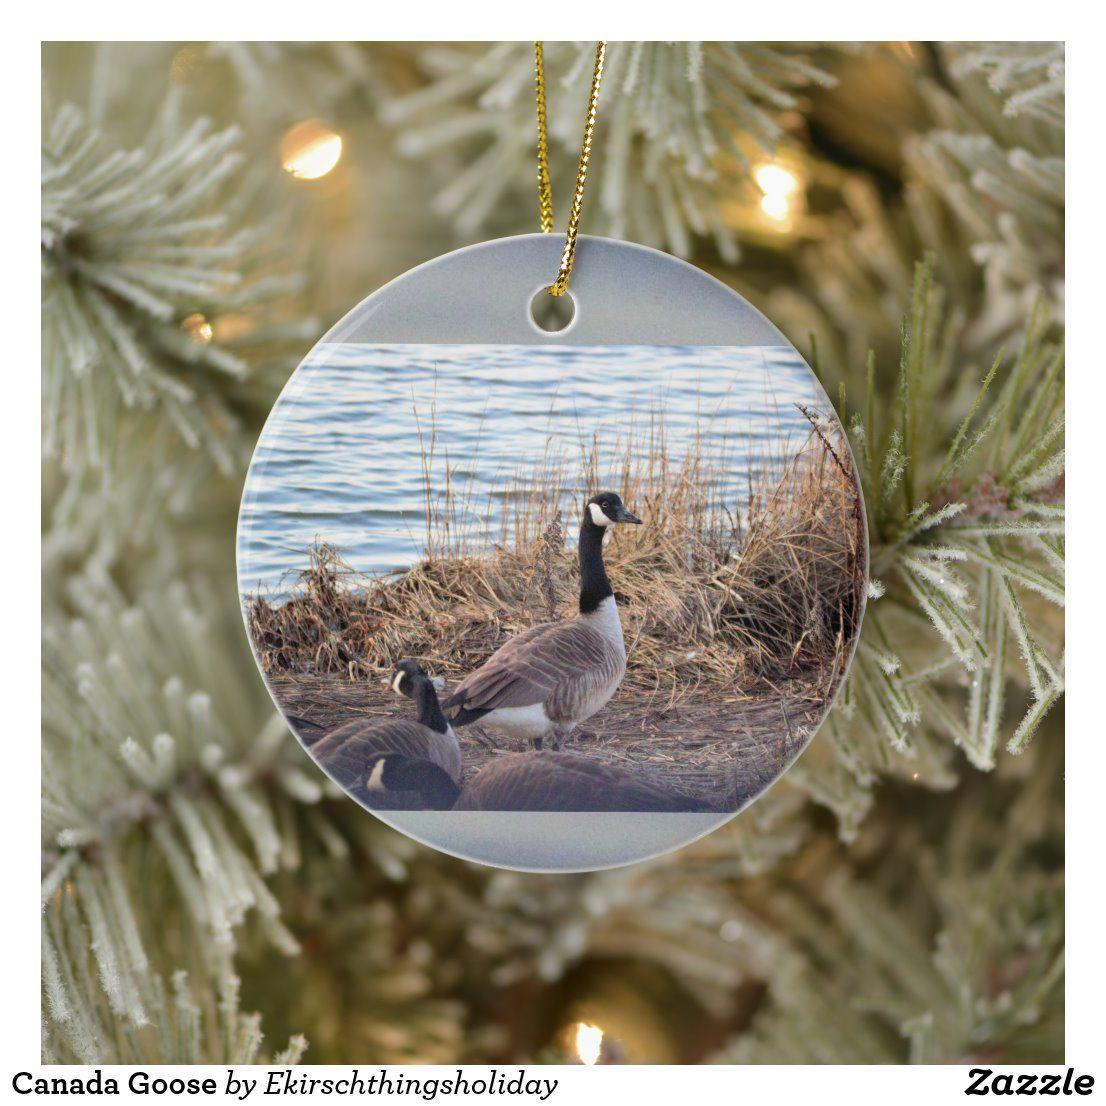 Canada Goose Ceramic Ornament in 2020